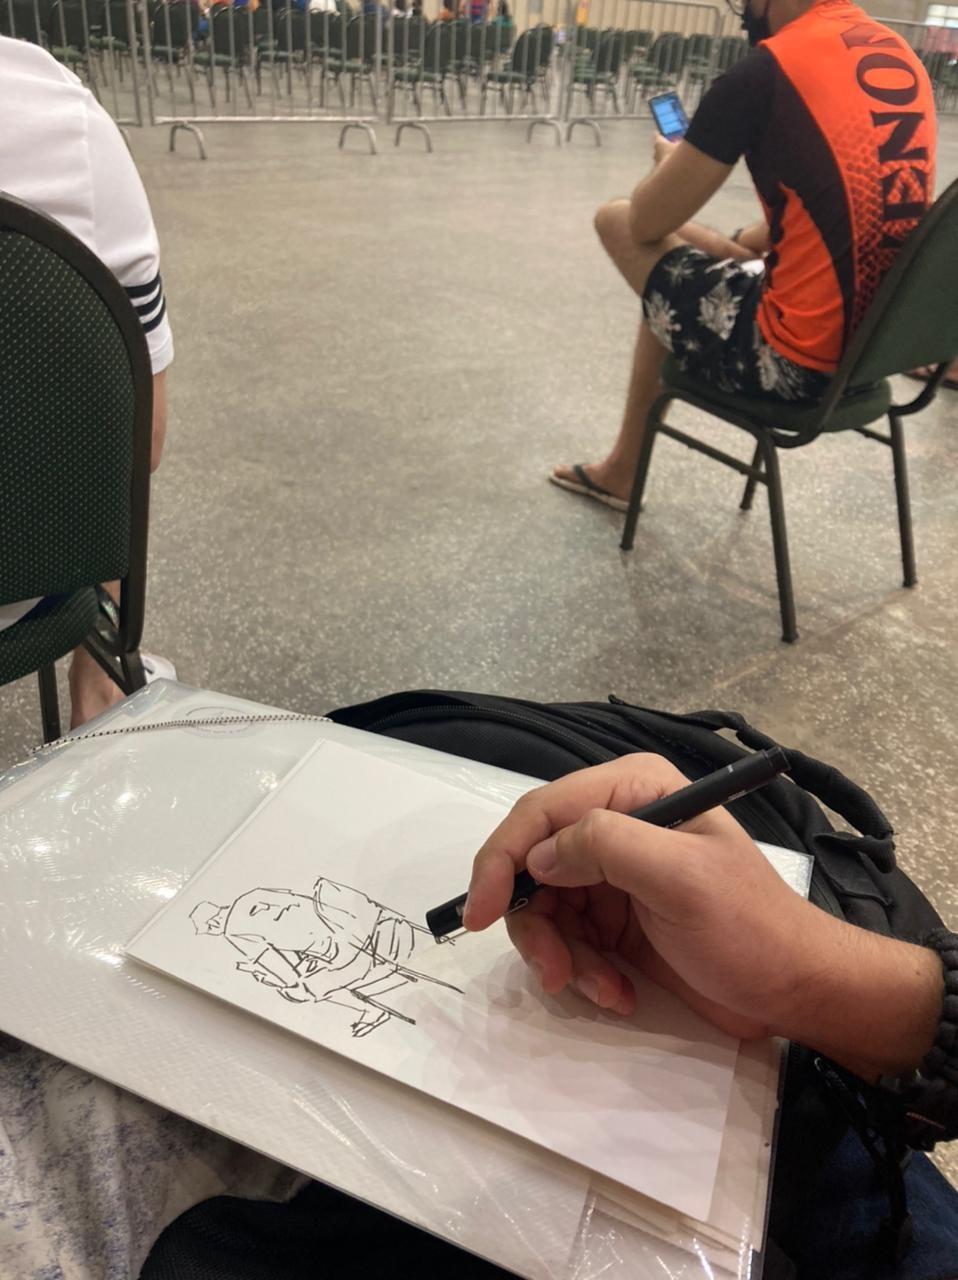 Artista aproveita tempo de espera antes de vacina contra Covid para desenhar outras pessoas na fila, em Fortaleza; vídeo